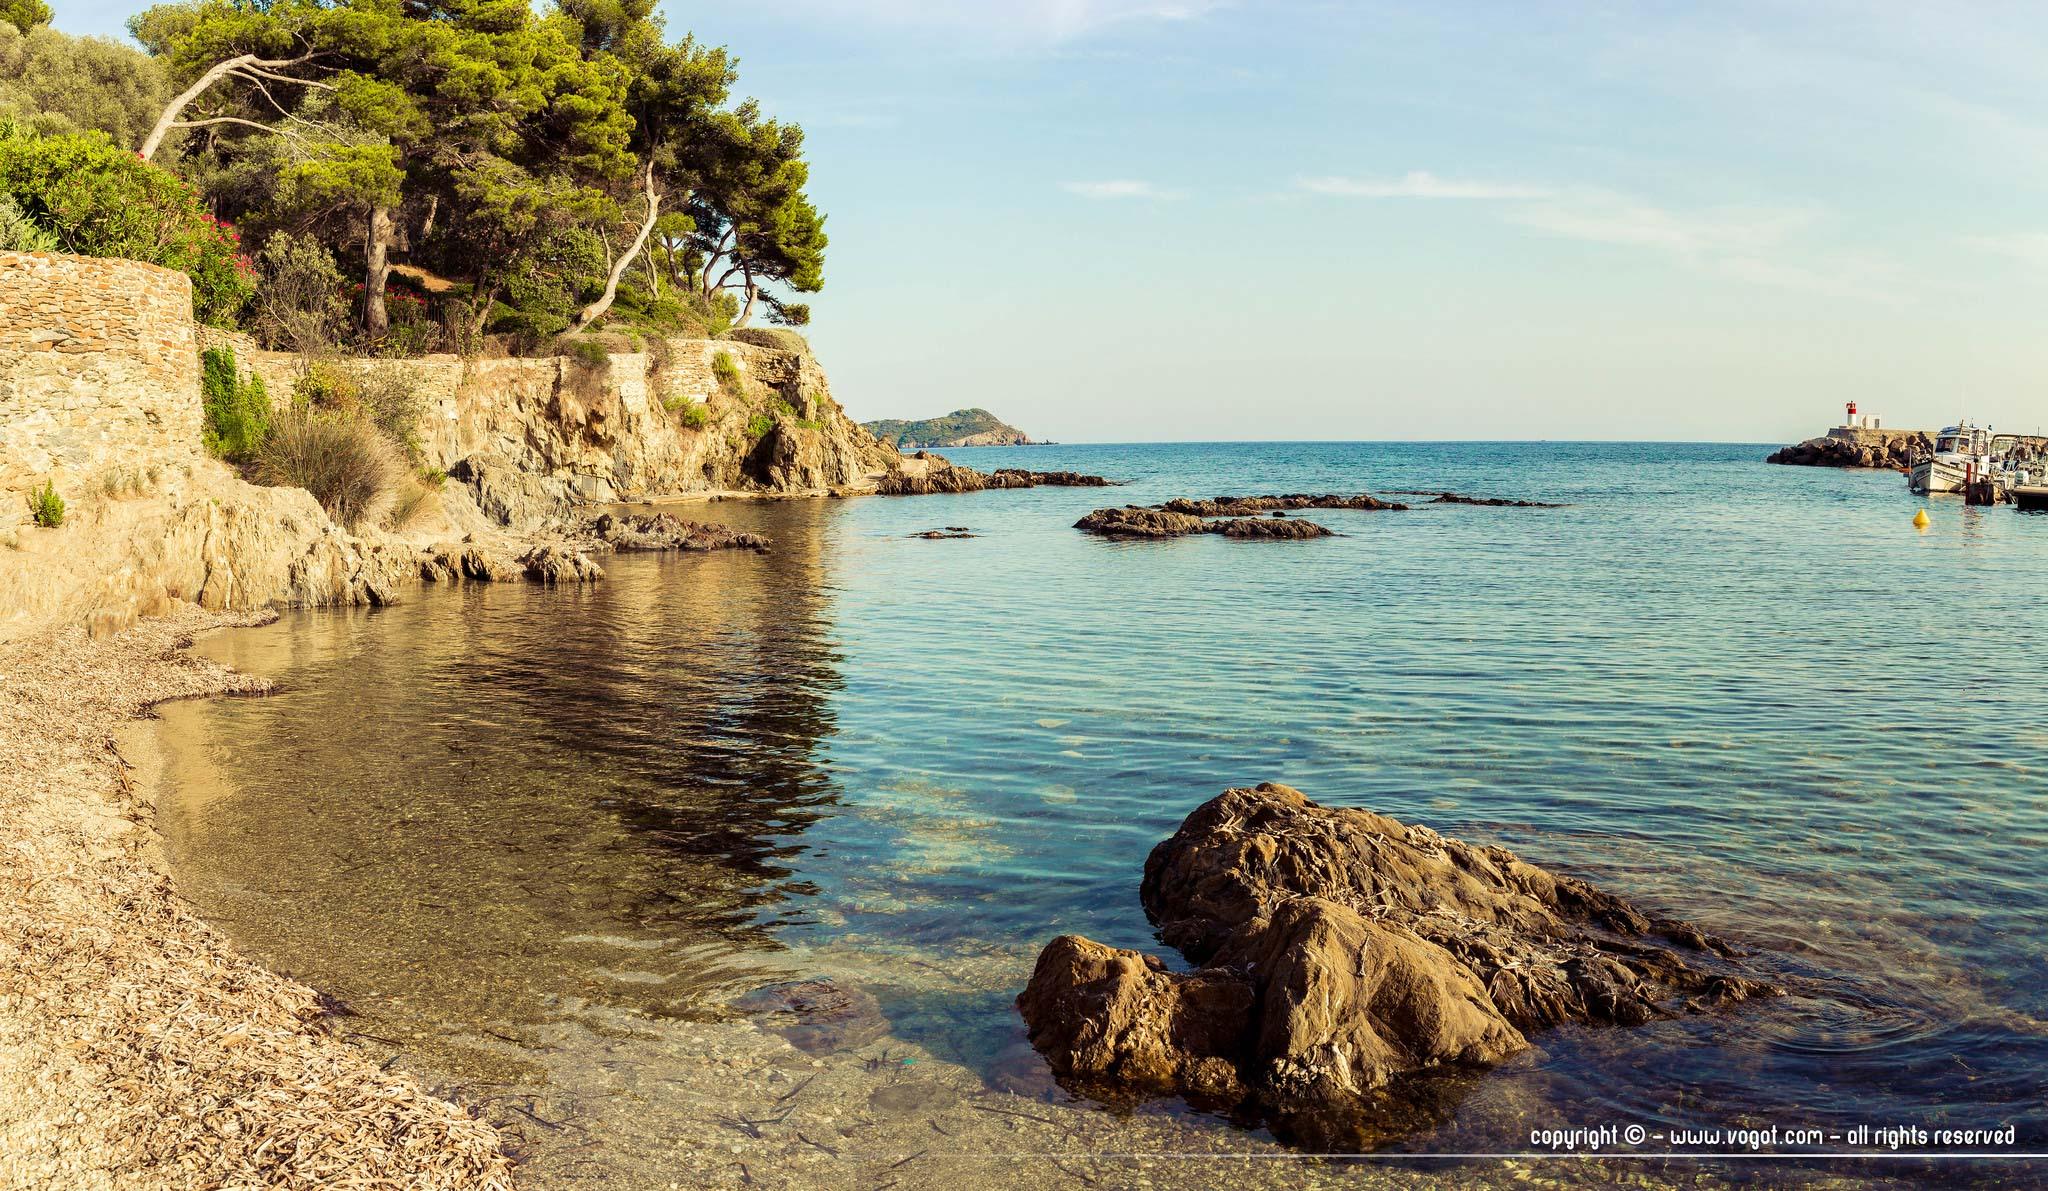 Une journée à Hyères et sa presqu'île de Giens